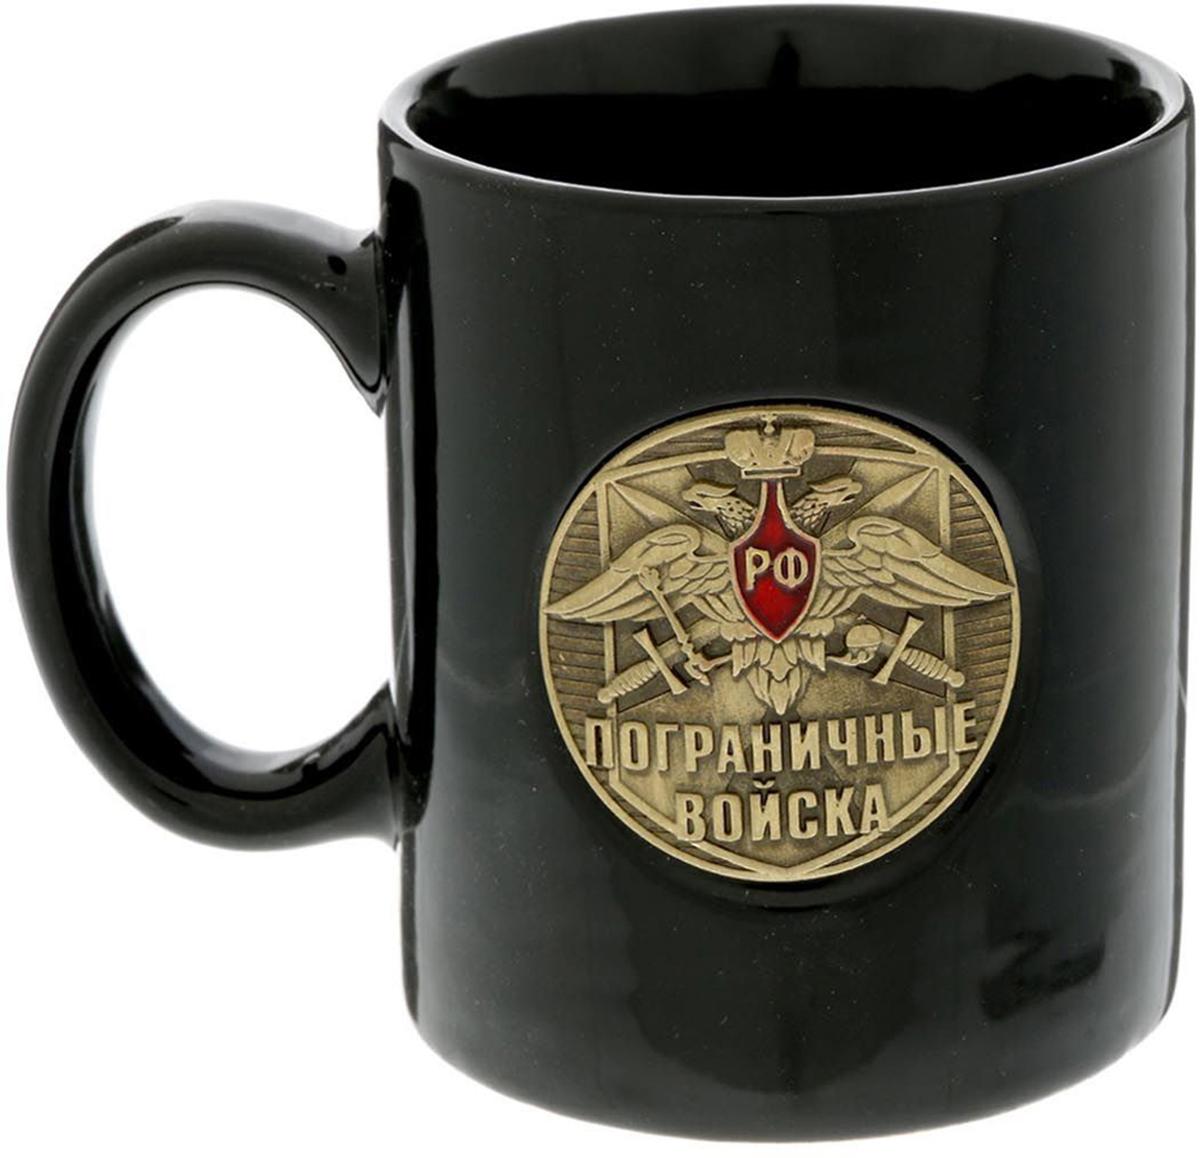 Кружка Sima-Land Пограничные войска, 300 мл. 15076771507677Разберись с жаждой по-мужски! Авторский дизайн, оригинальный декор, оптимальный объем - отличительные черты этой кружки. Налейте в нее горячий свежезаваренный кофе или крепкий ароматный чай, и каждый глоток будет сокрушительным ударом по врагам: сонливости, вялости и апатии! Изделие упаковано в подарочную картонную коробку.